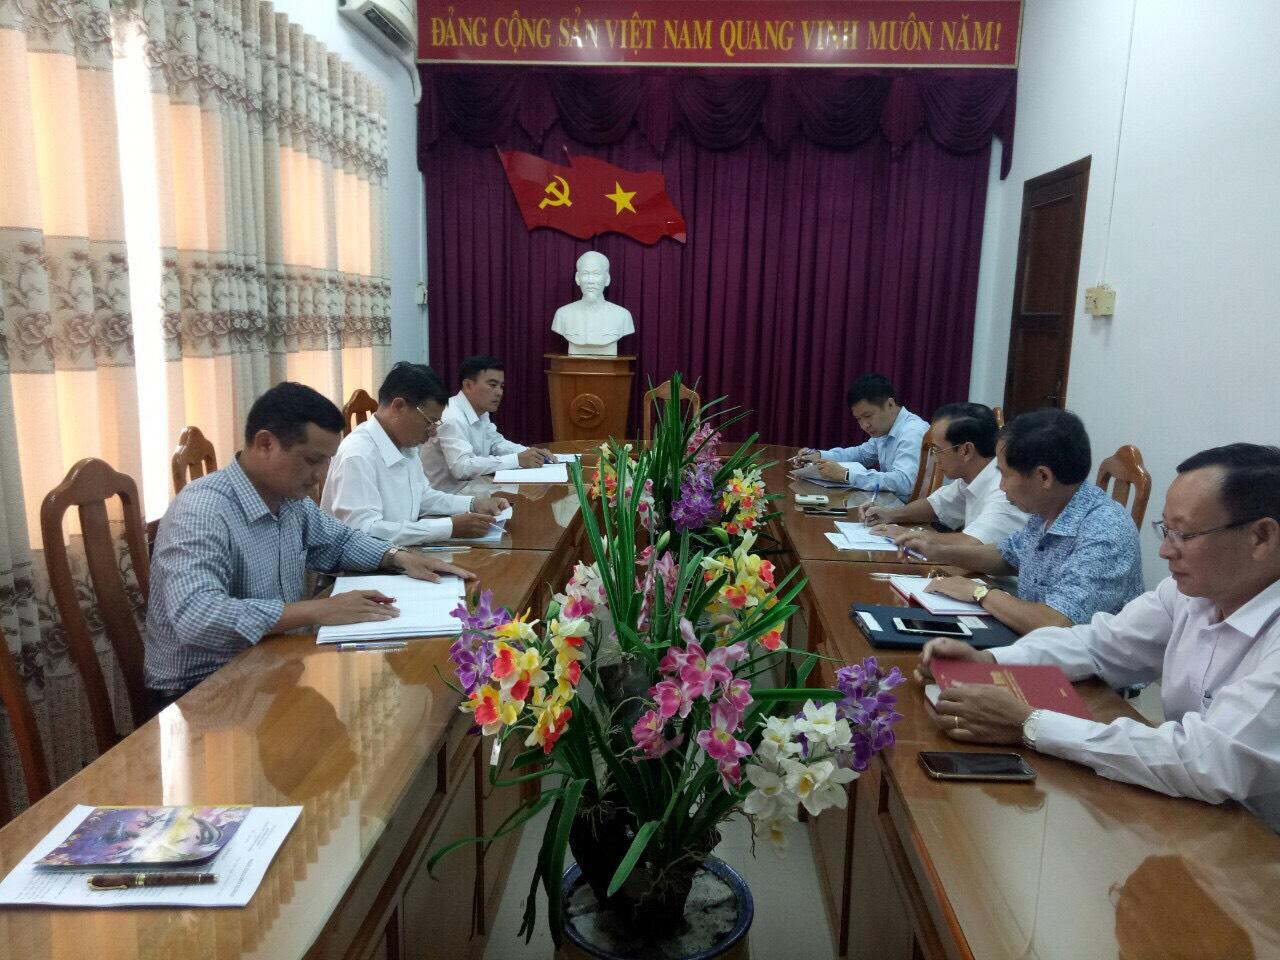 Hình Giao ban Thường trực và lãnh đạo các ban,  Văn phòng Đảng ủy, đoàn thể Khối tháng 7/2019